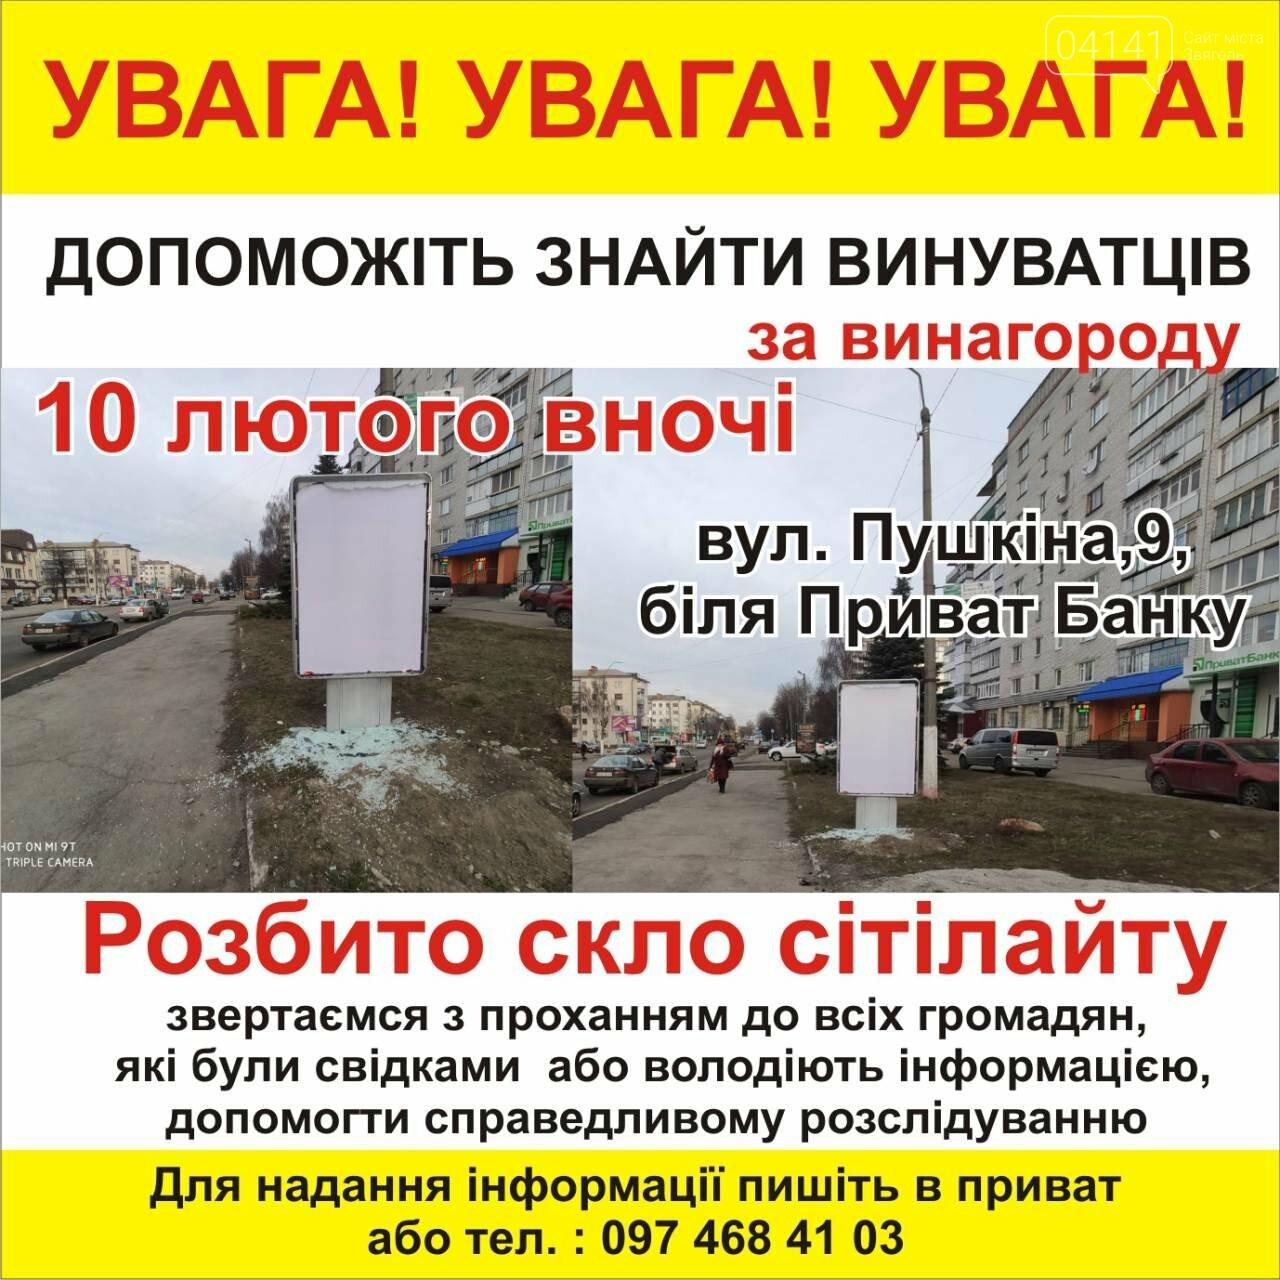 Пропонуються винагорода: У Новограді-Волинському шукають очевидців розбиття сітілайту, фото-1